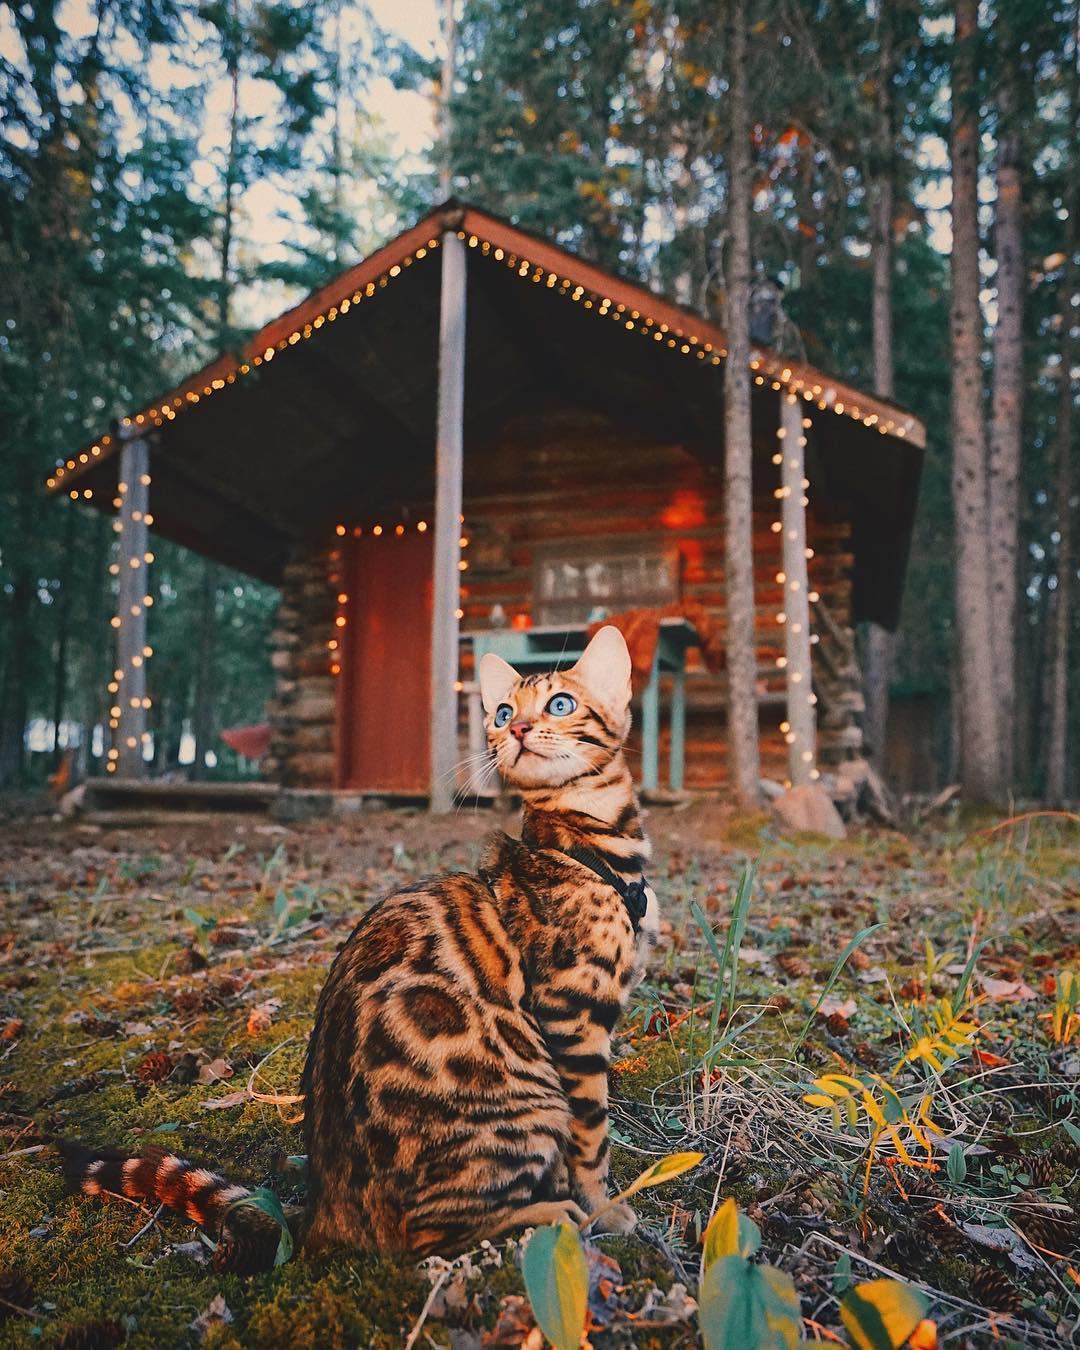 عکس گربه بنگال , گربه های زیبا و ملوس